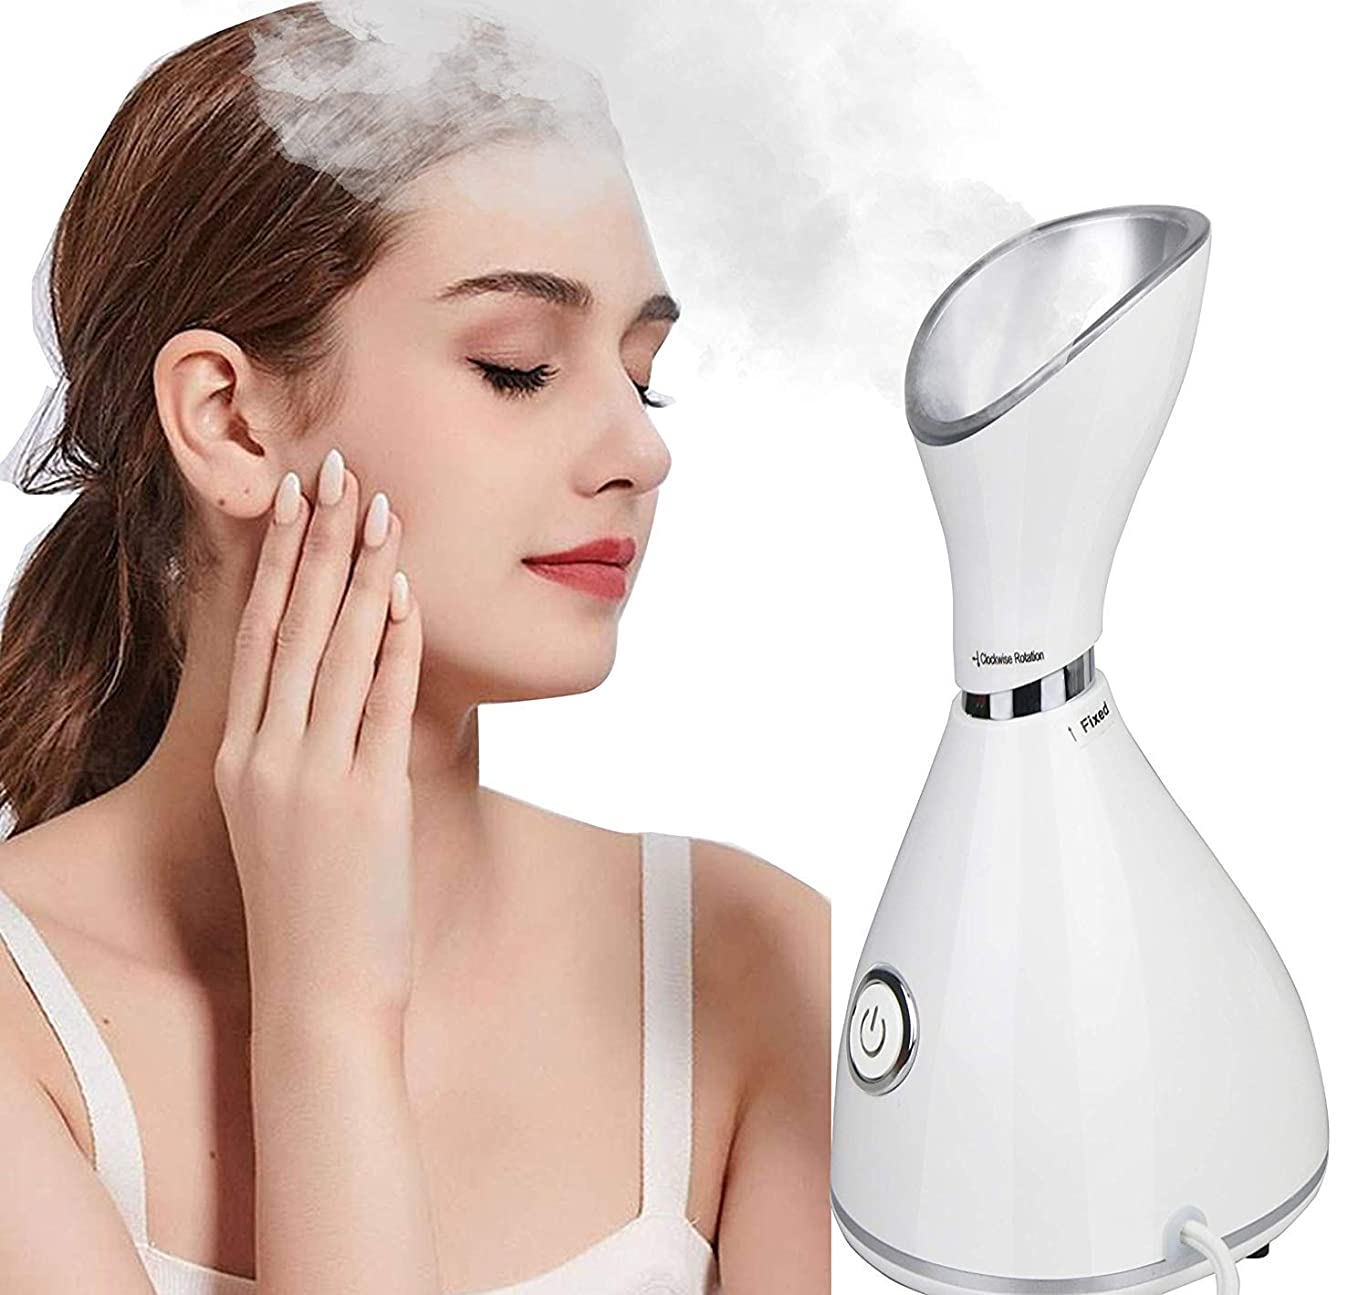 顔の蒸気の保湿のナノイオン噴霧器の水和の熱い霧、お肌のクリーニング、加湿器用スチームマスク、取り外し 予防、ホームサロンサウナスパパーソナルボディスキンケア美容 Facial Steamer Moisturizing Hydrating Face Cleanse Humidifier